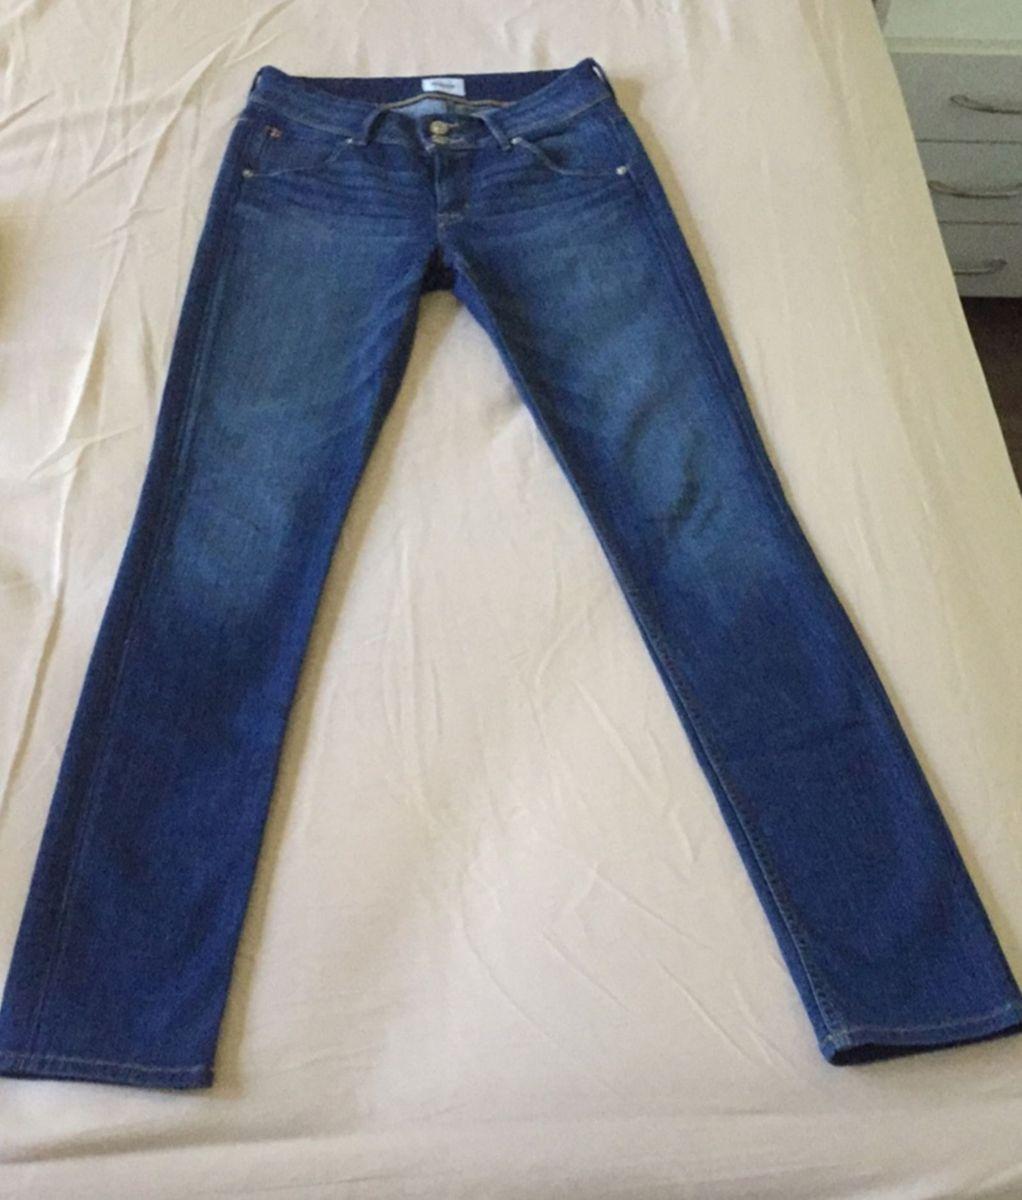 7ebf05caa85d8b jeans hudson comprado nos eua